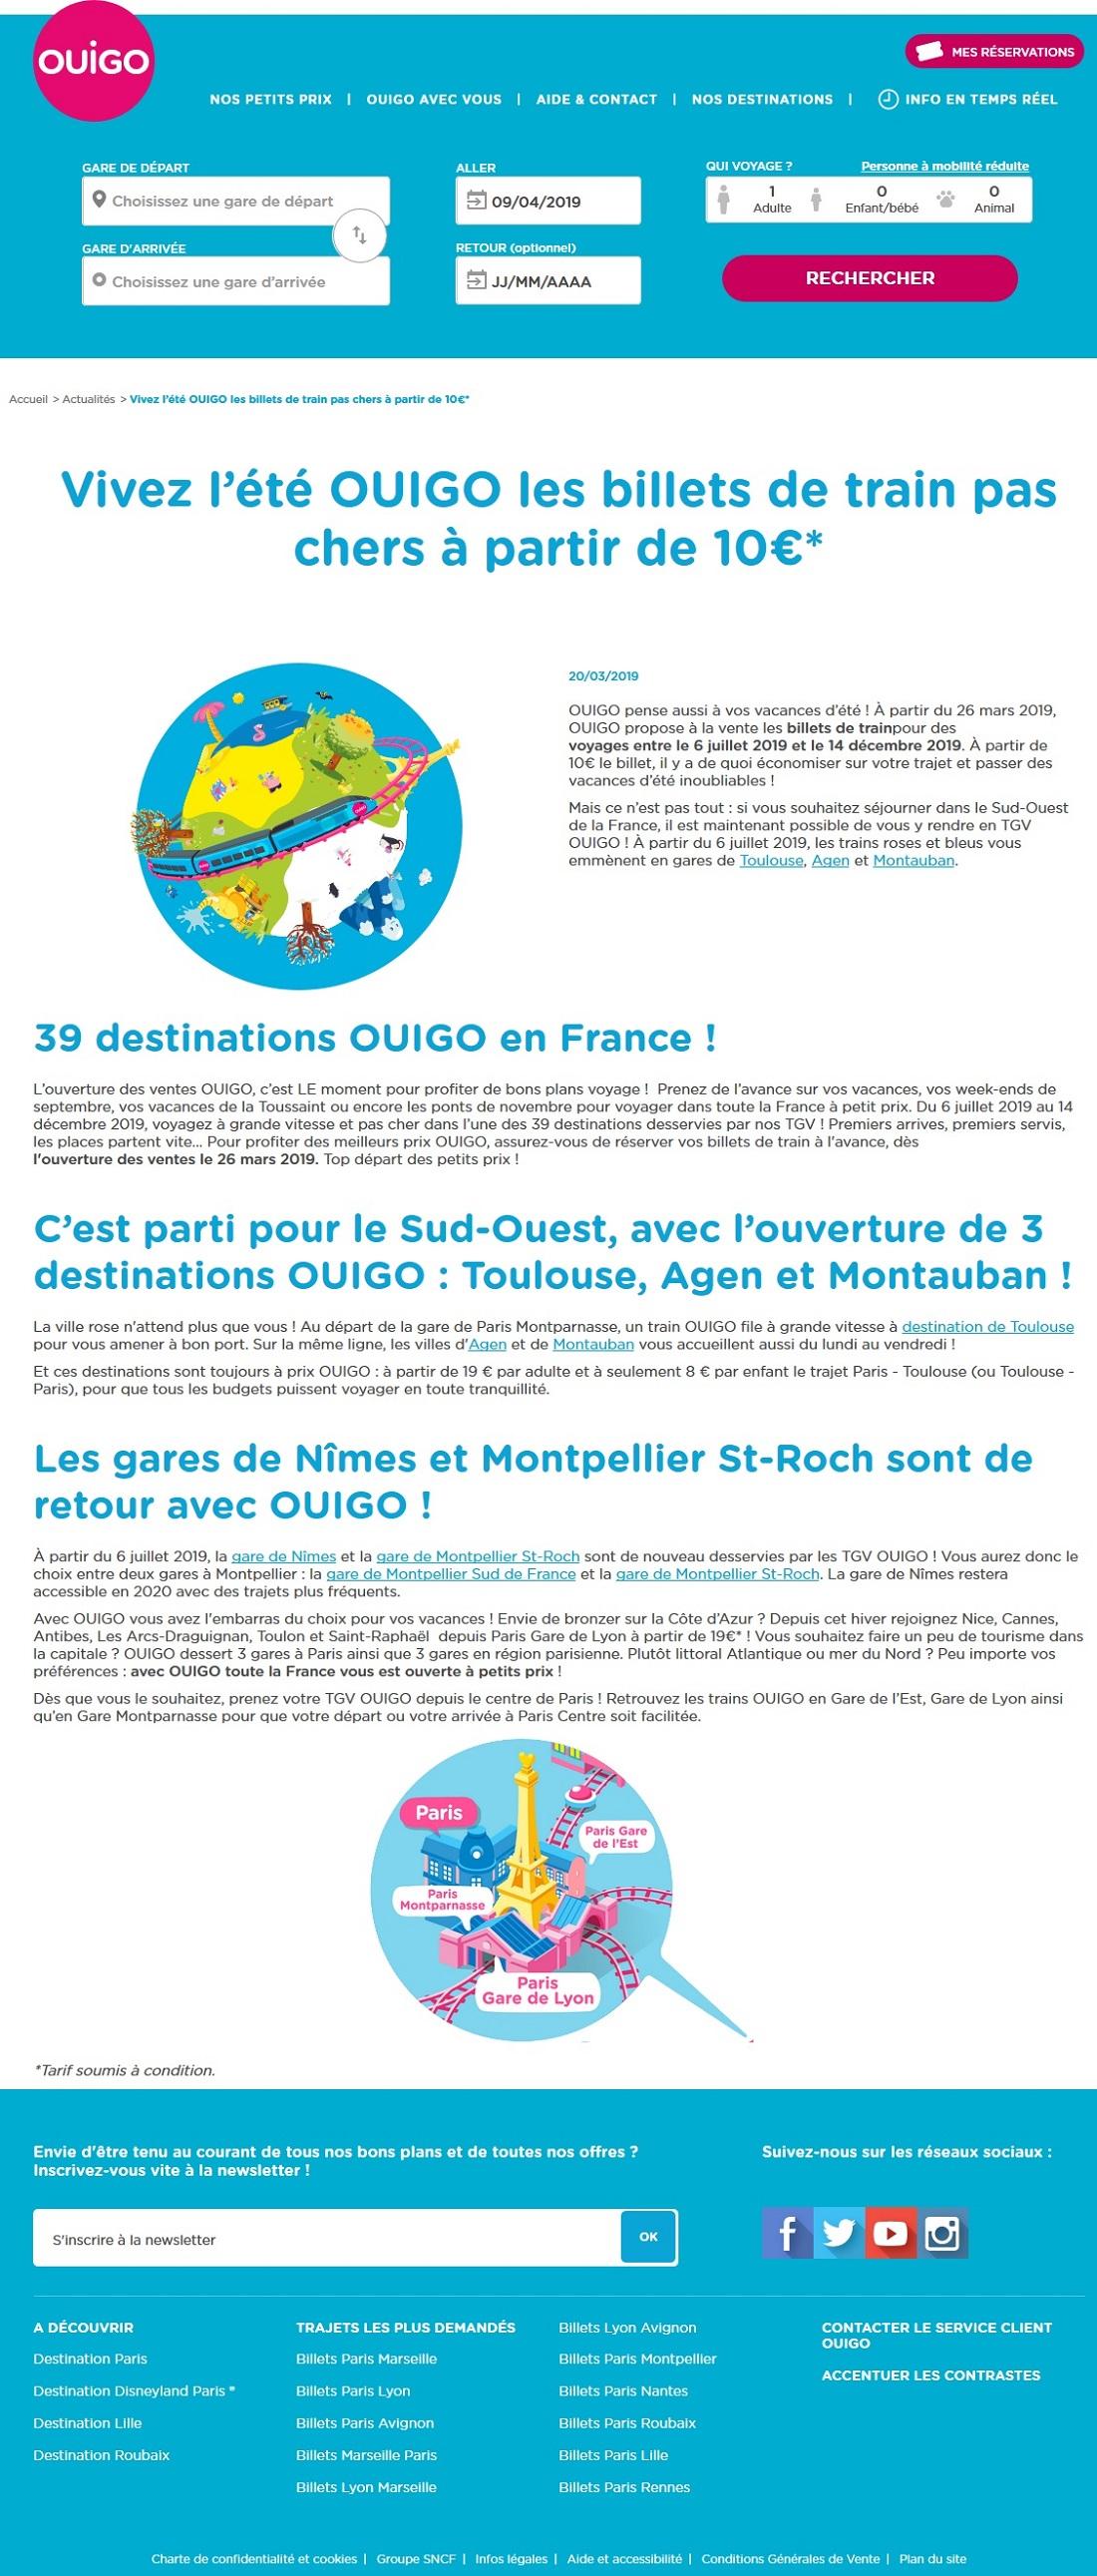 SNCF Low-cost OUIGO, Sncf Billet Tgv OUIGO à Partir 10,00 Euros